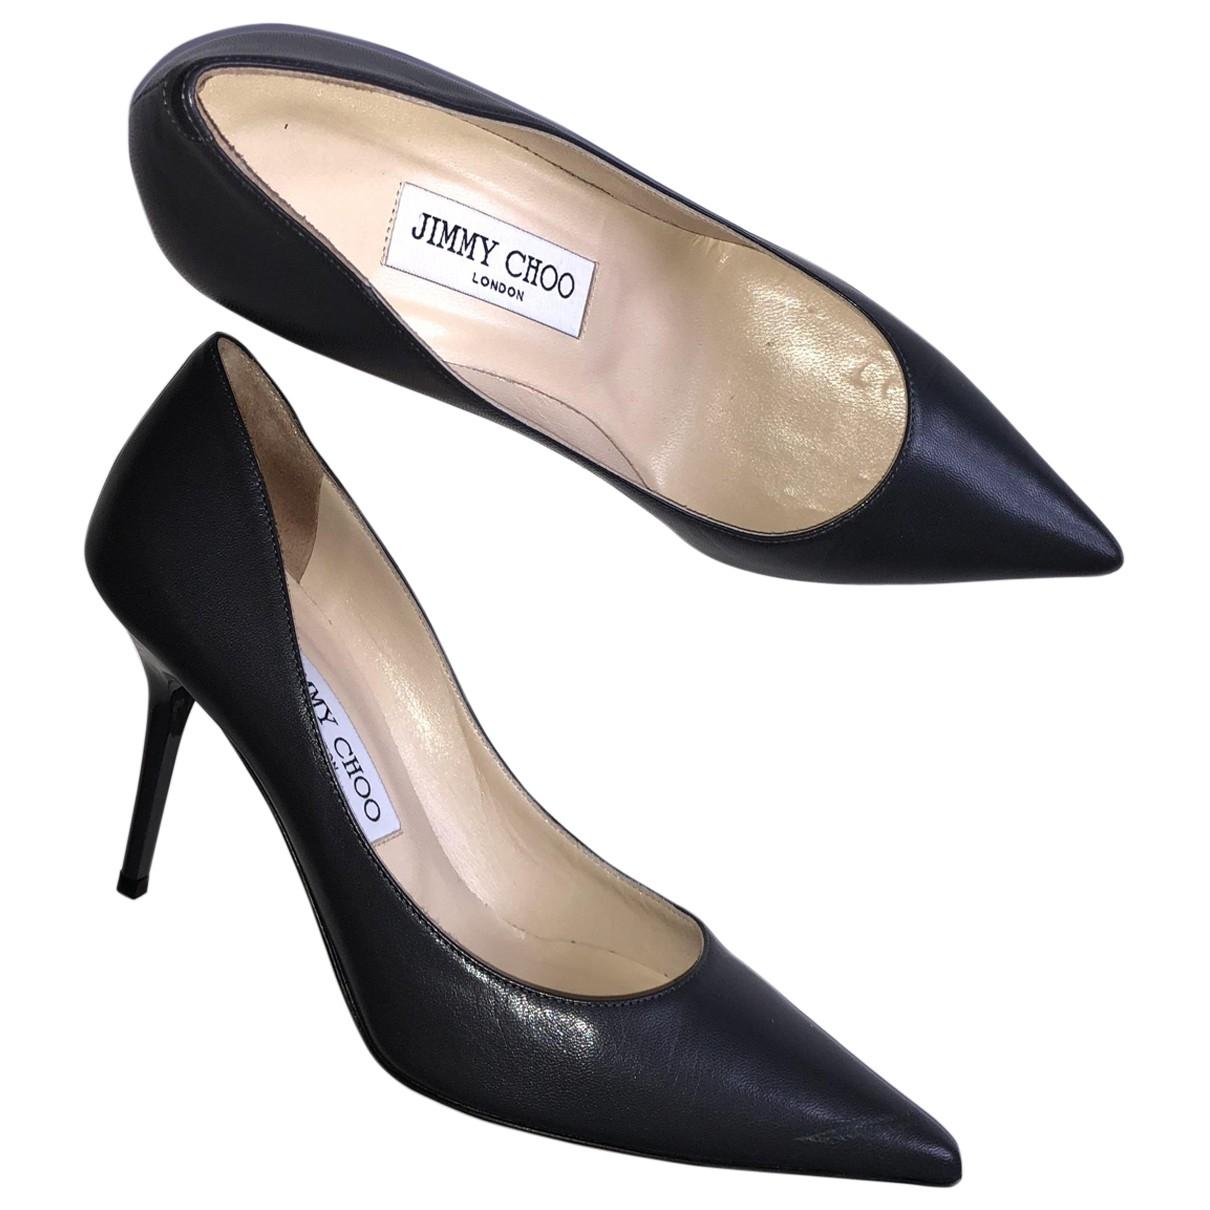 Jimmy Choo Anouk Grey Leather Heels for Women 36 EU